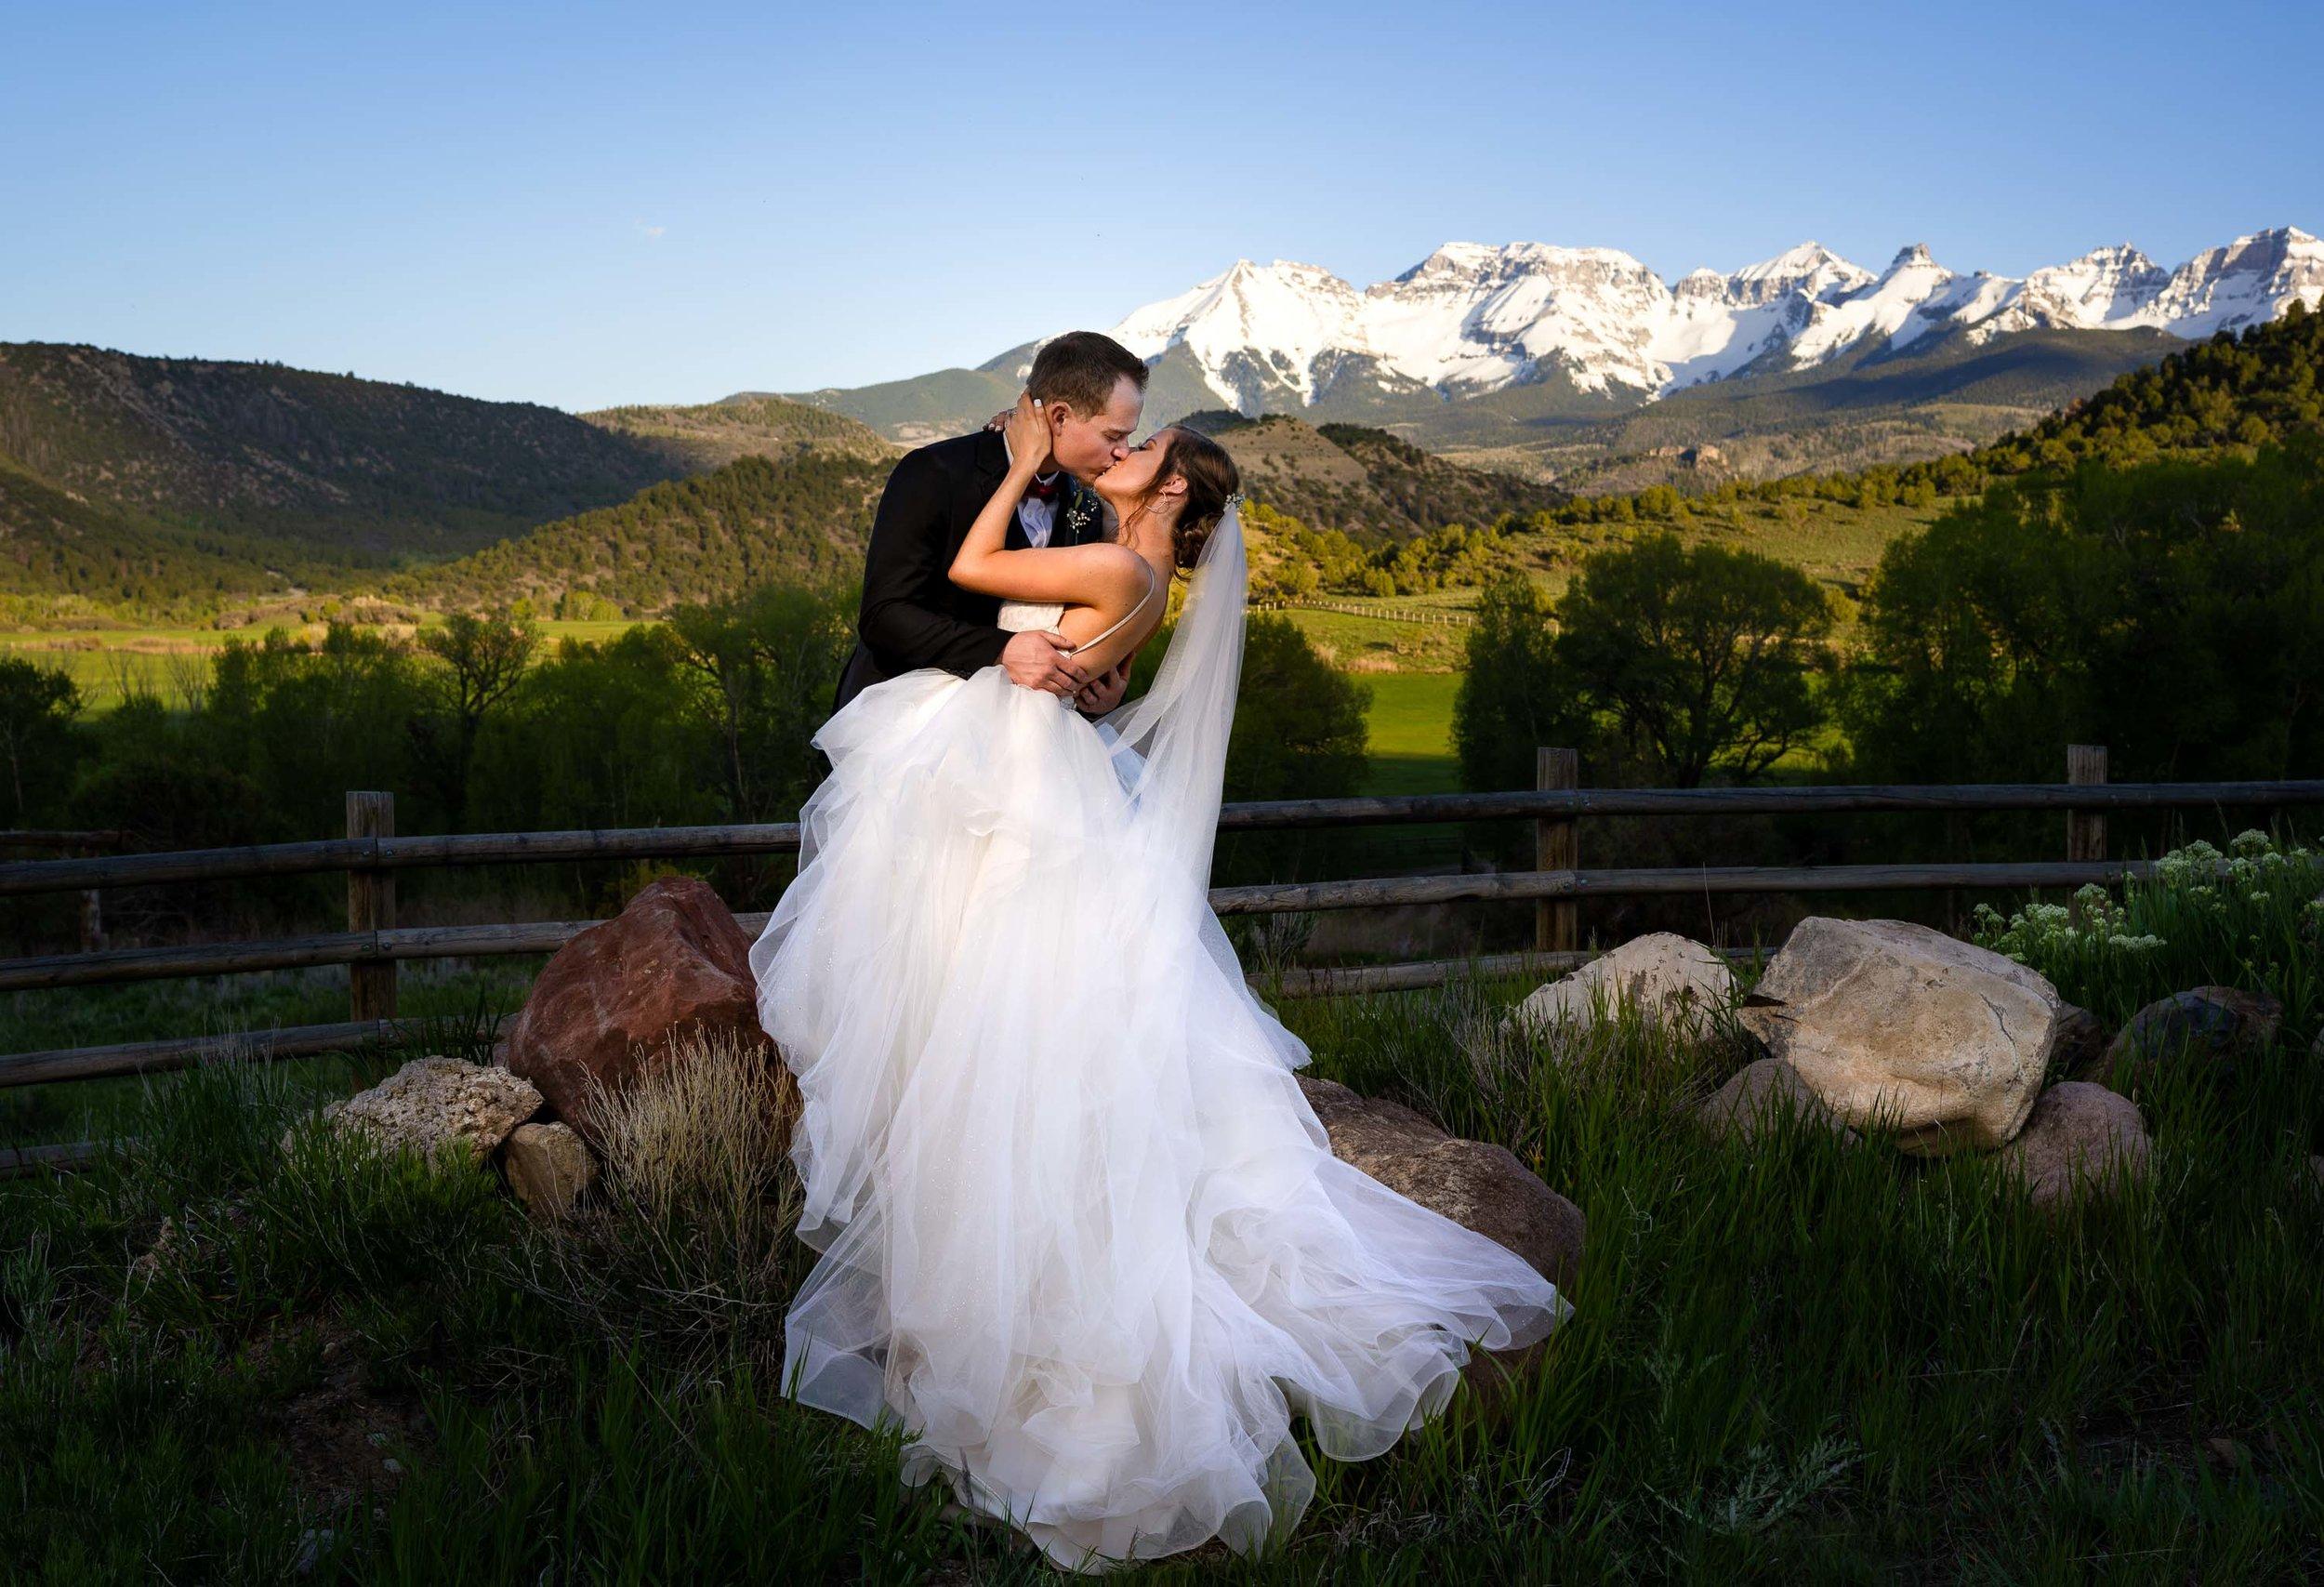 Kelsie_Nick_Ouray_Wedding-184.jpg